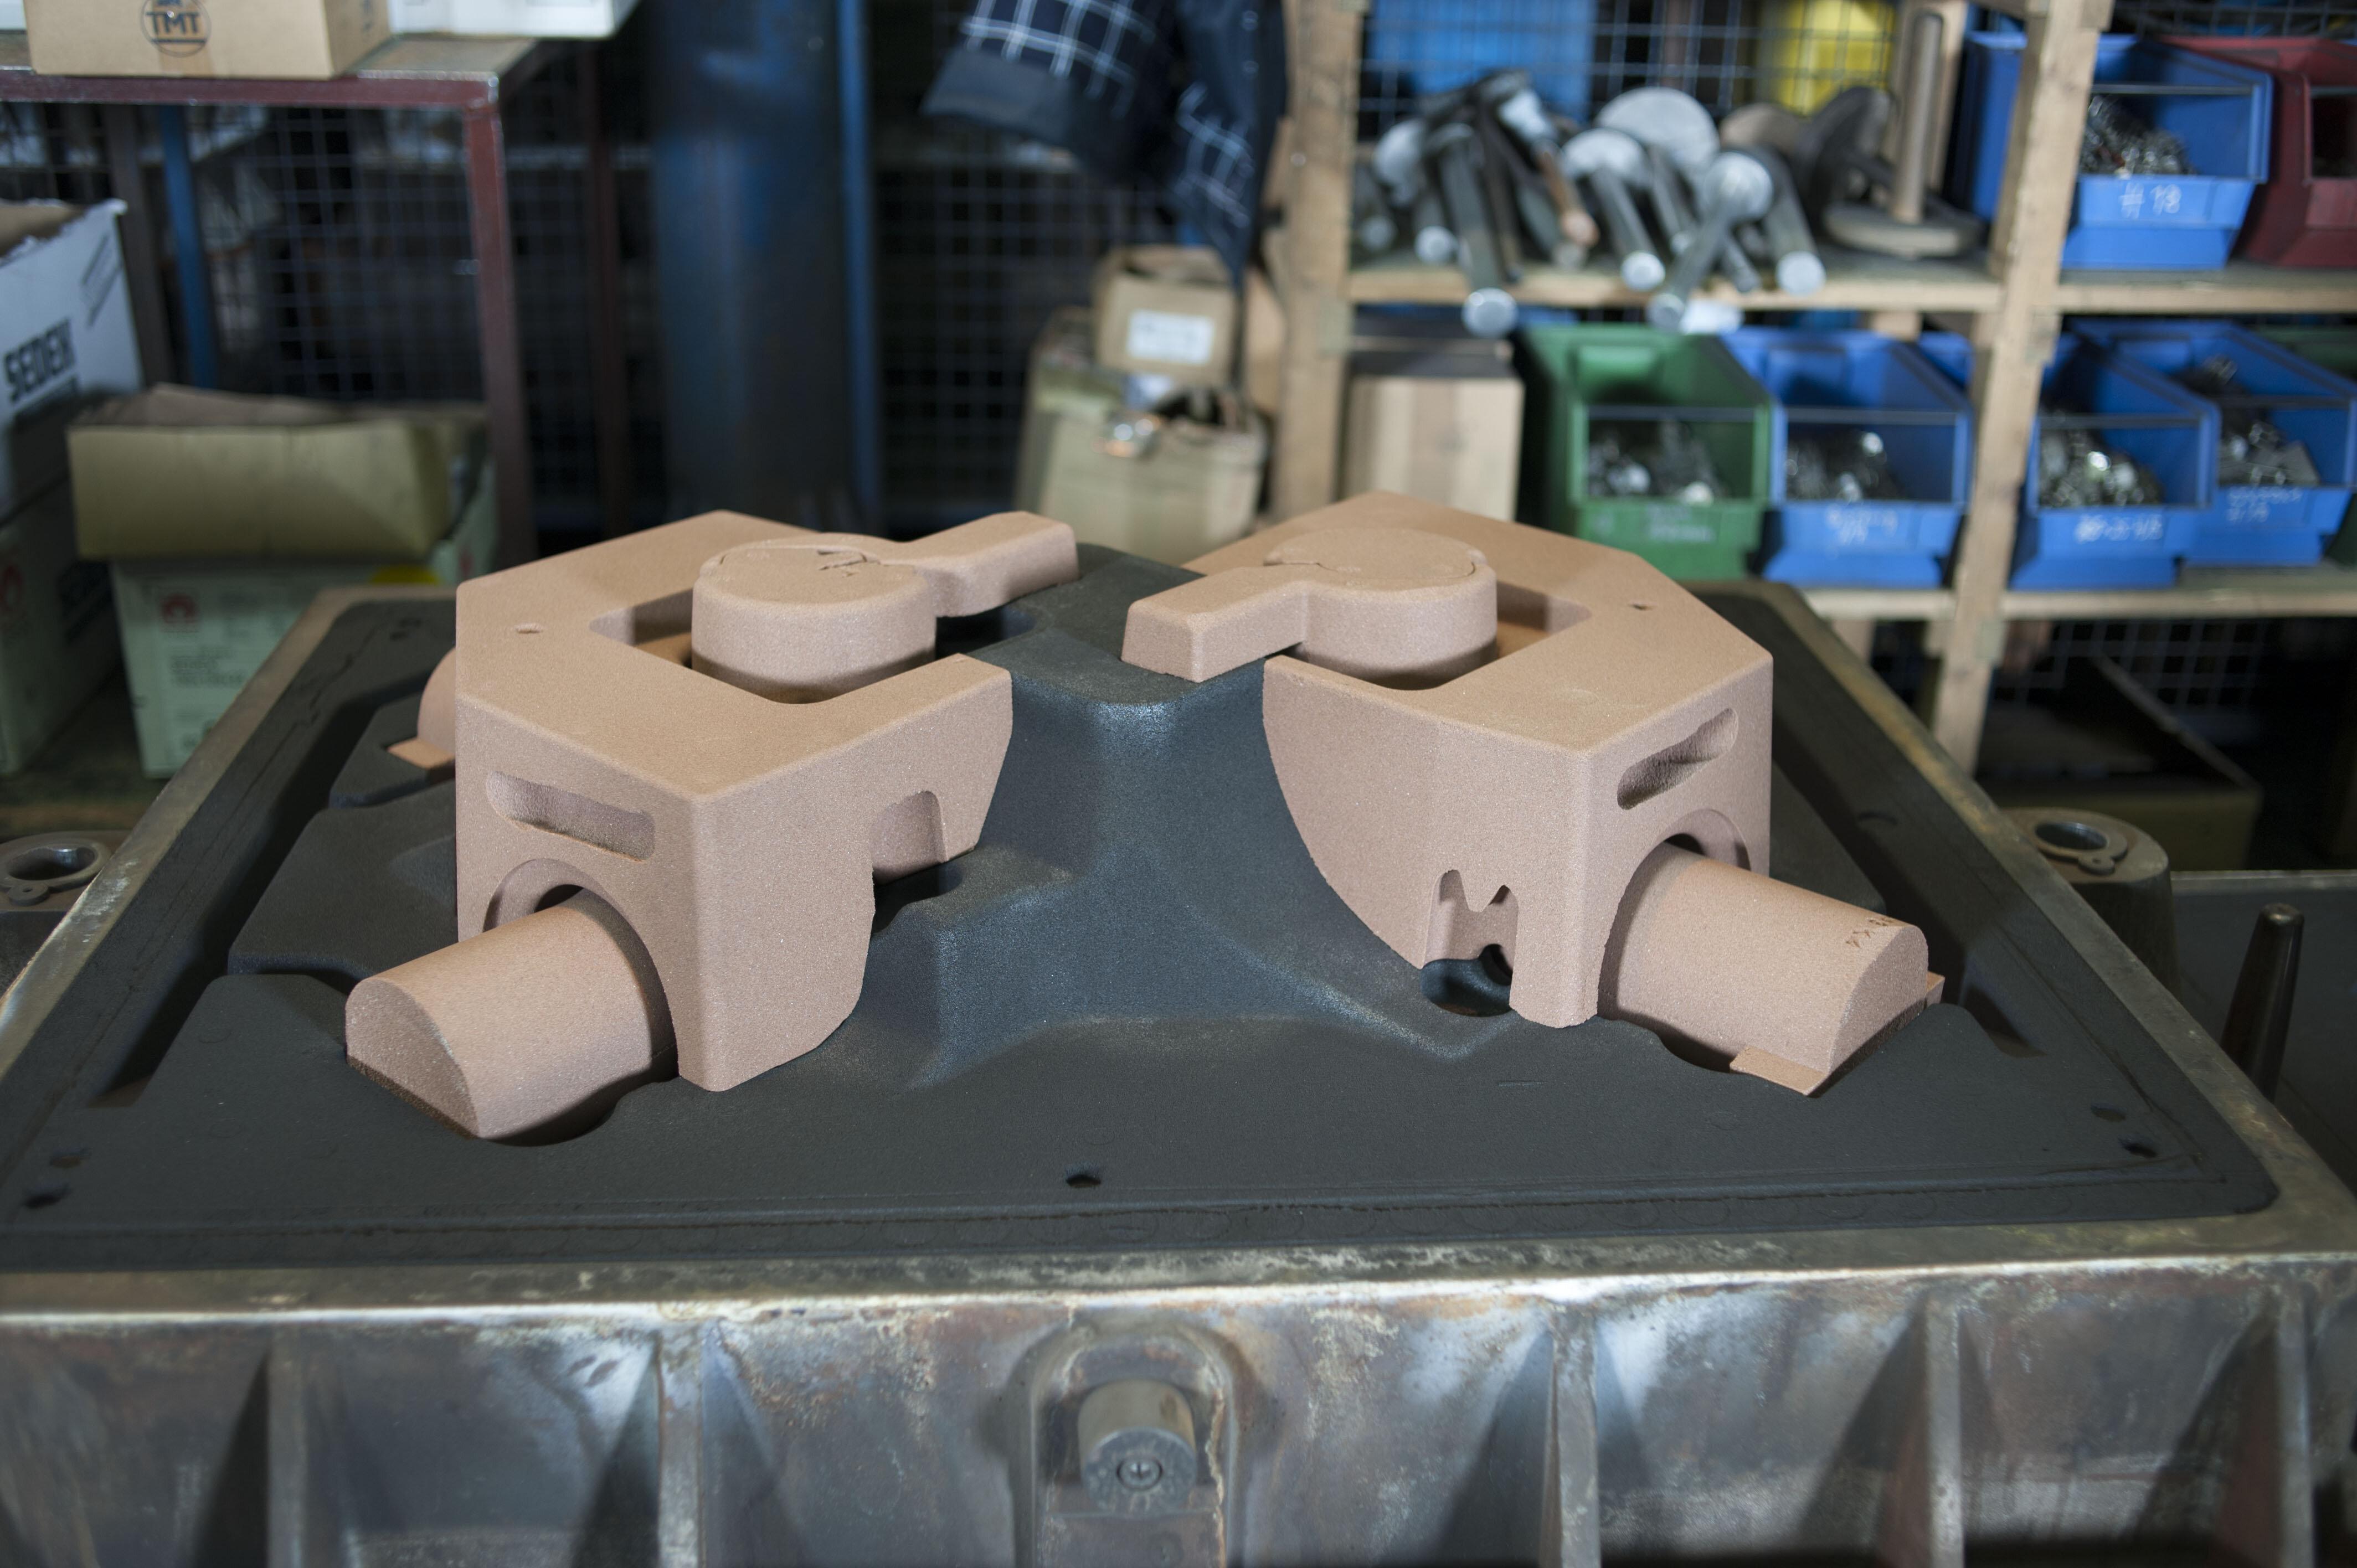 Kernpaket für ein Motorgehäuse aus duktilem Gussisen mit Kugelgraphit in der Maschinenformerei für Baufahrzeug.